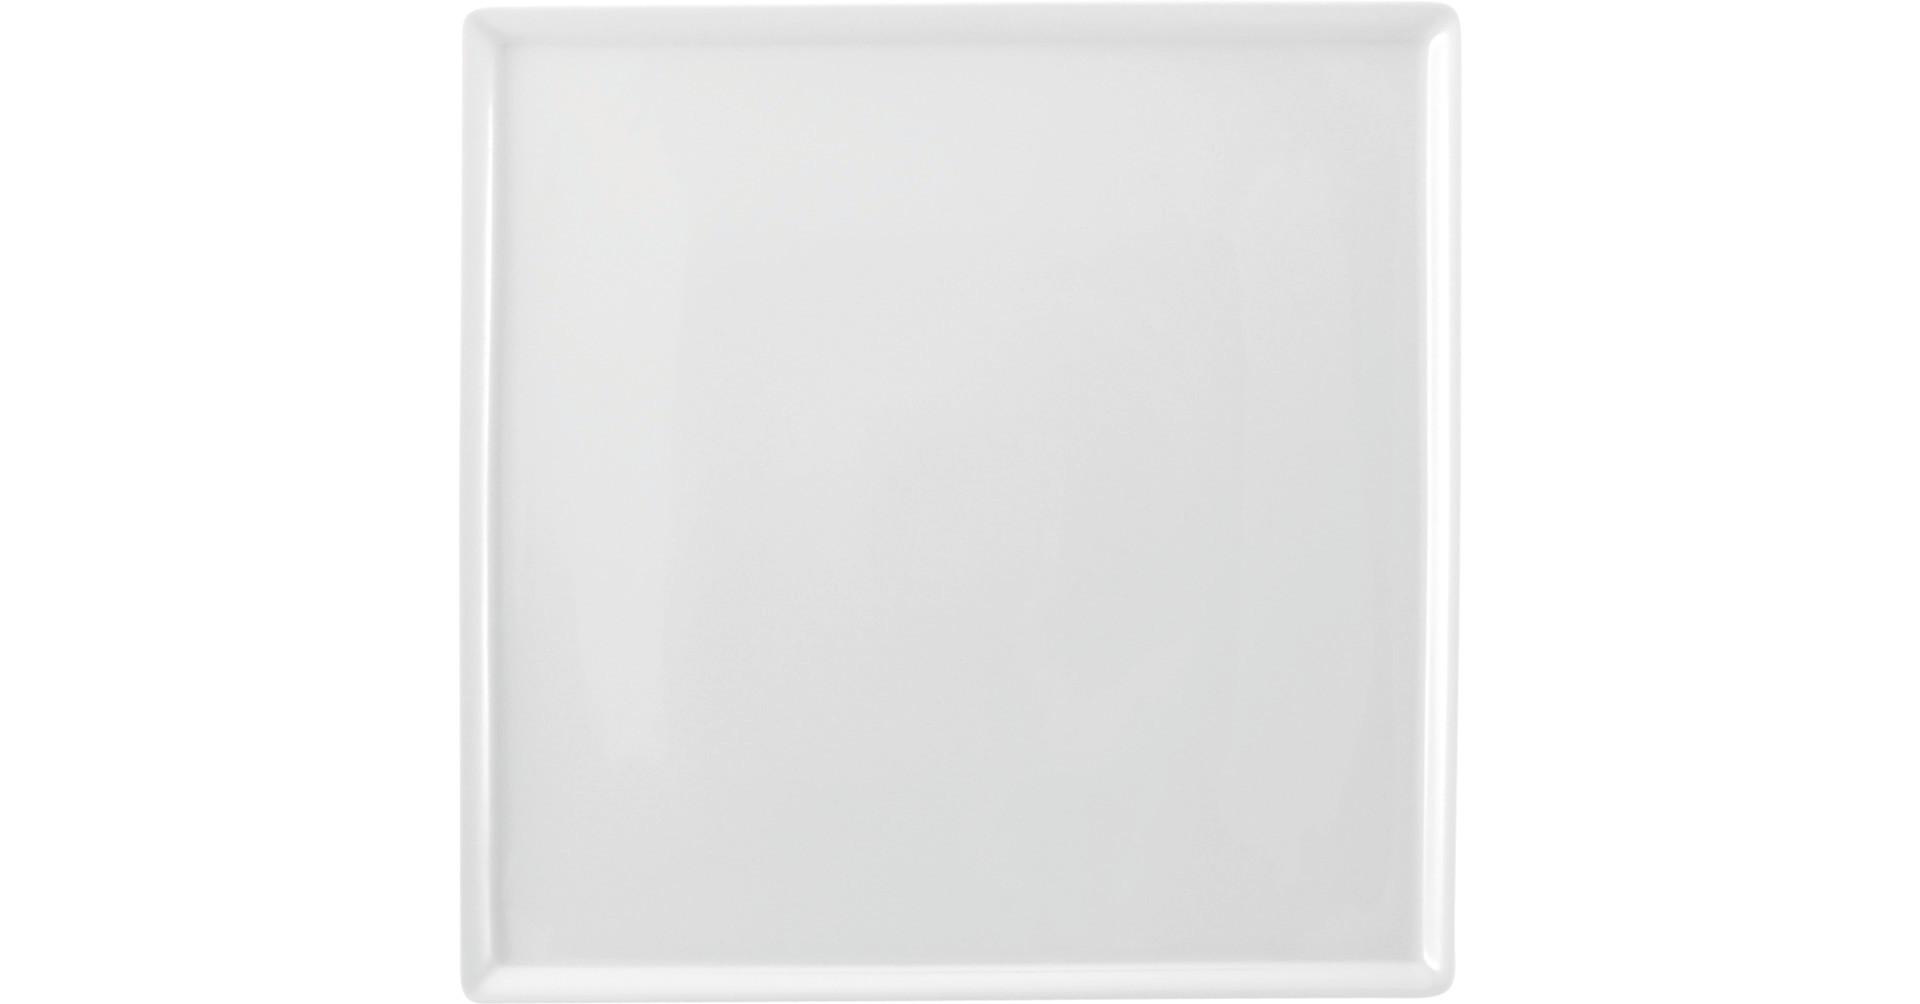 Buffet Gourmet, Platte quadratisch 325 x 325 mm